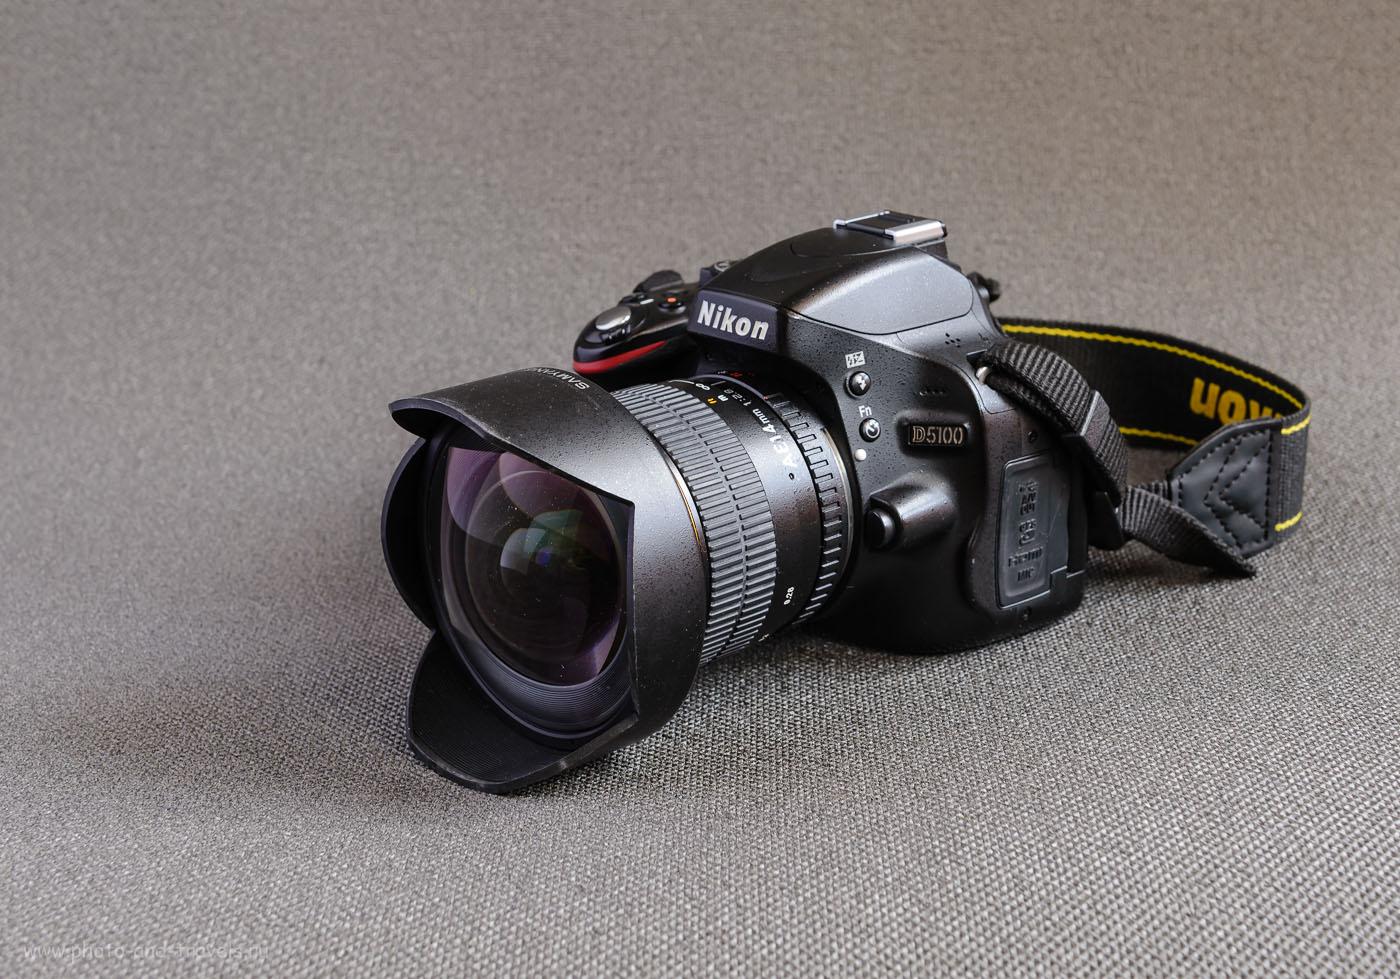 Использование сверхширокоугольного объектива Samyang 14mm f/2.8 на кропнутой любительской зеркалке Nikon D5100. Обзор и тестовые фотографии.